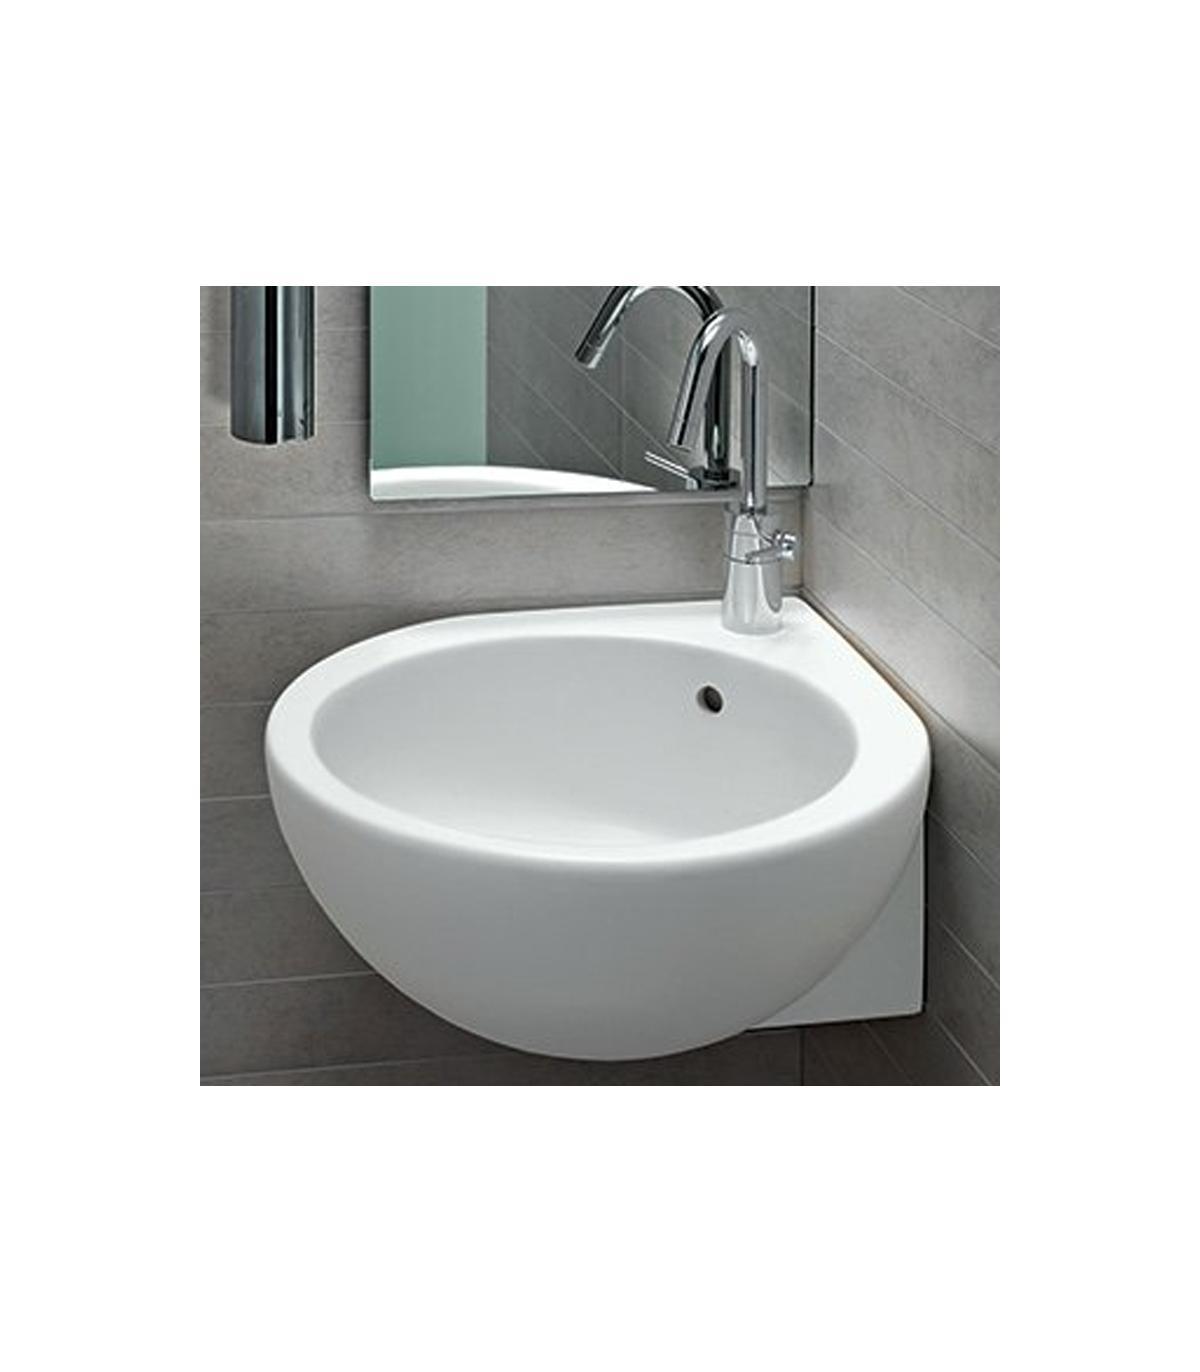 Griglia vasca doccia colombo porta oggetti da appendere for Oggetti da appendere